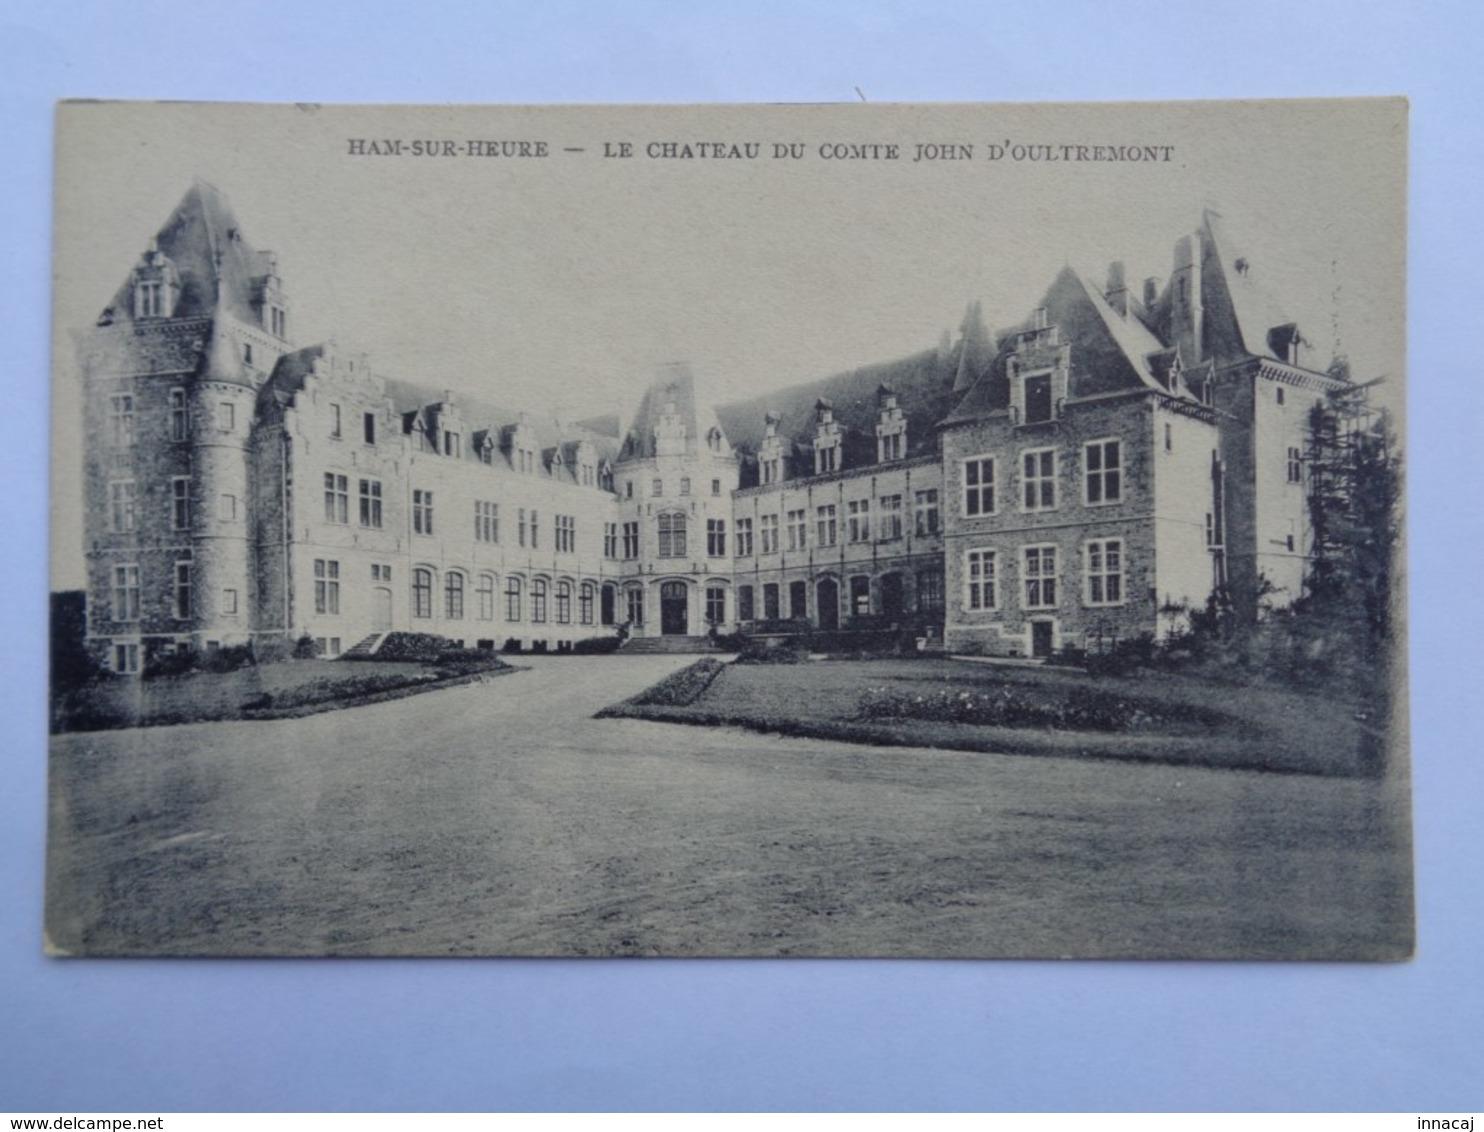 Réf: 89-5-10.          HAM-SUR-HEURE     Le Chateau Du Comte John D'Oultremont. - Ham-sur-Heure-Nalinnes